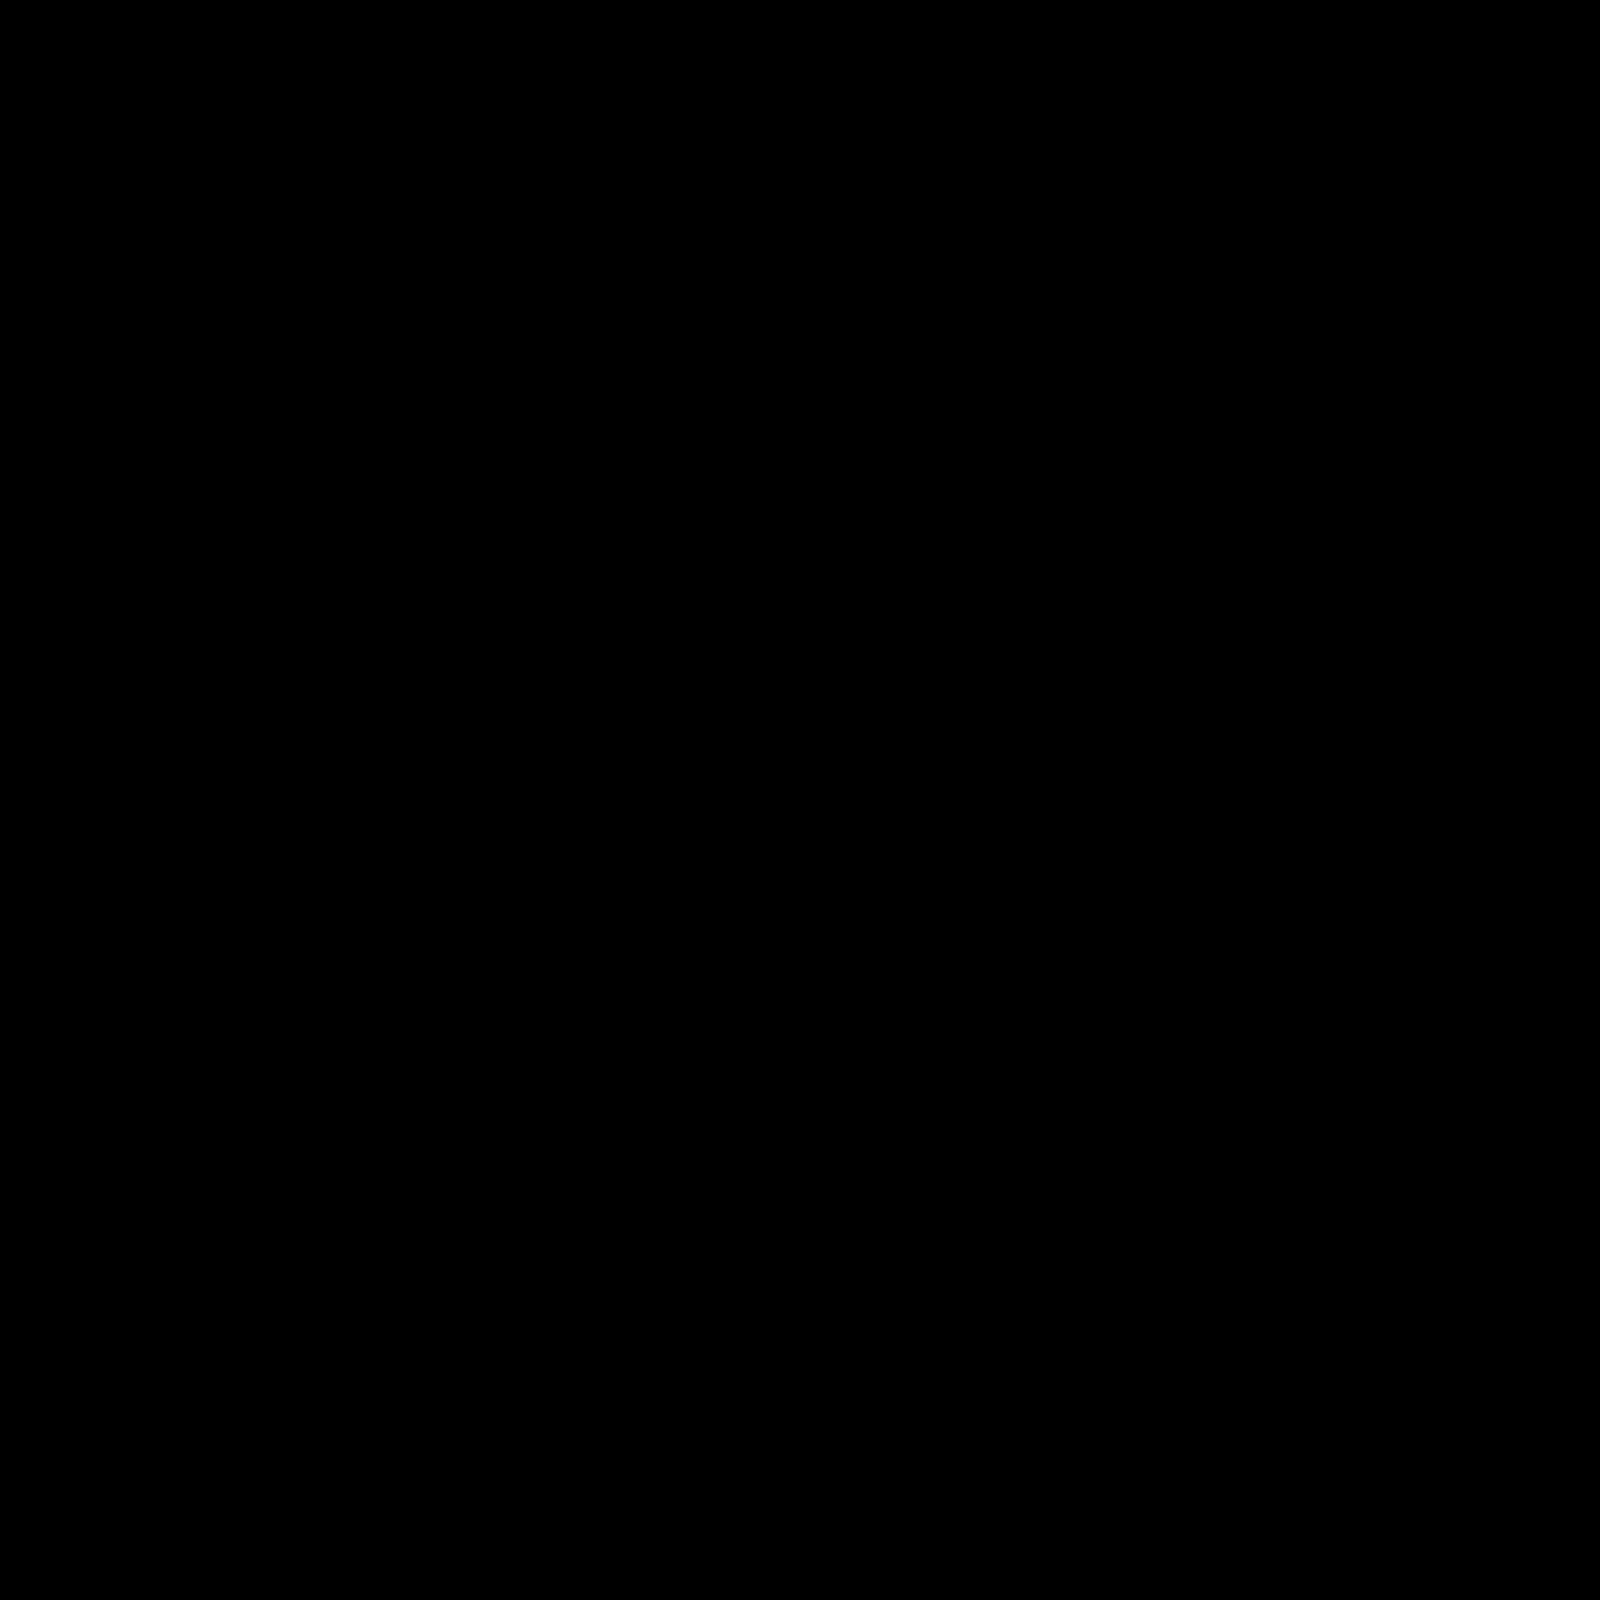 护照 icon. This is a drawing of a passbook that has some sort of a circular icon in the middle that may be representing a globe. Under the globe there is a long black line going from left to right.